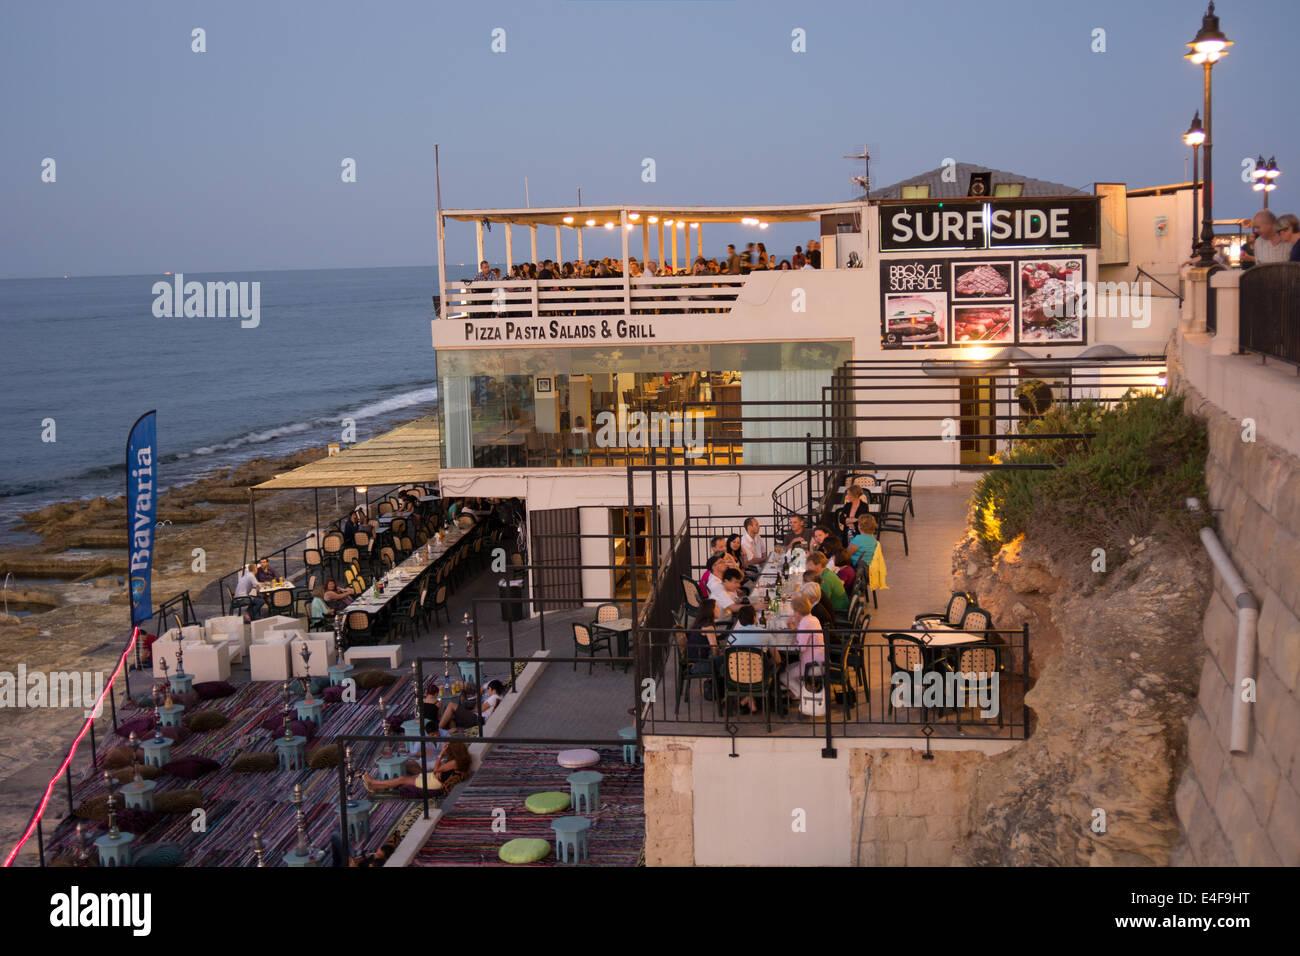 Les clients bénéficient d'une amende le dîner en plein air au restaurant situé dans le Surfside Photo Stock